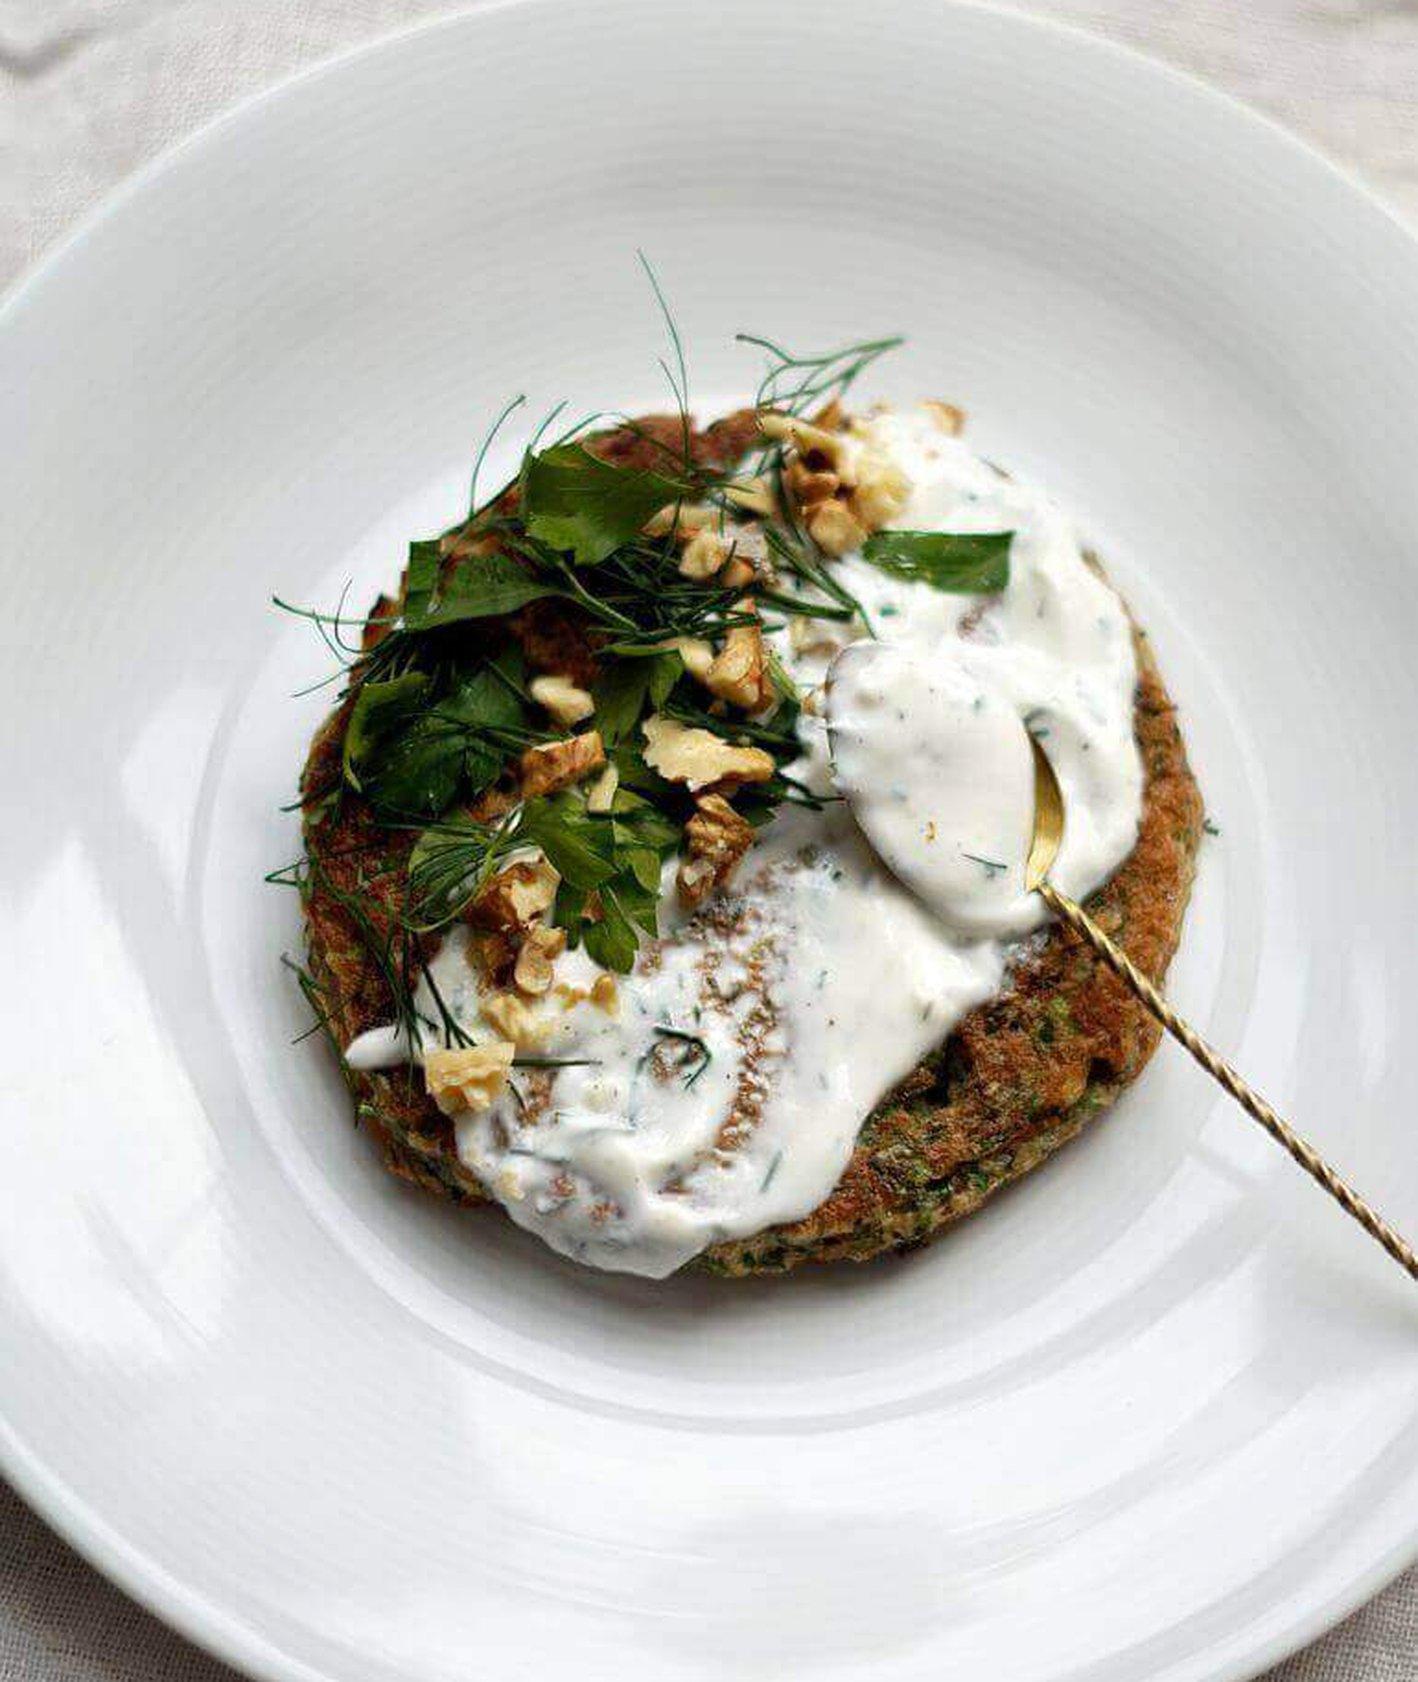 Irańskie placki ziołowe, irańskie placki Ottolenghi, przepis Ottolenghi, proste placki, wytrawne śniadanie, ziołowe placki, placki z orzechami, ziołowy jogurt, zdrowa kolacja